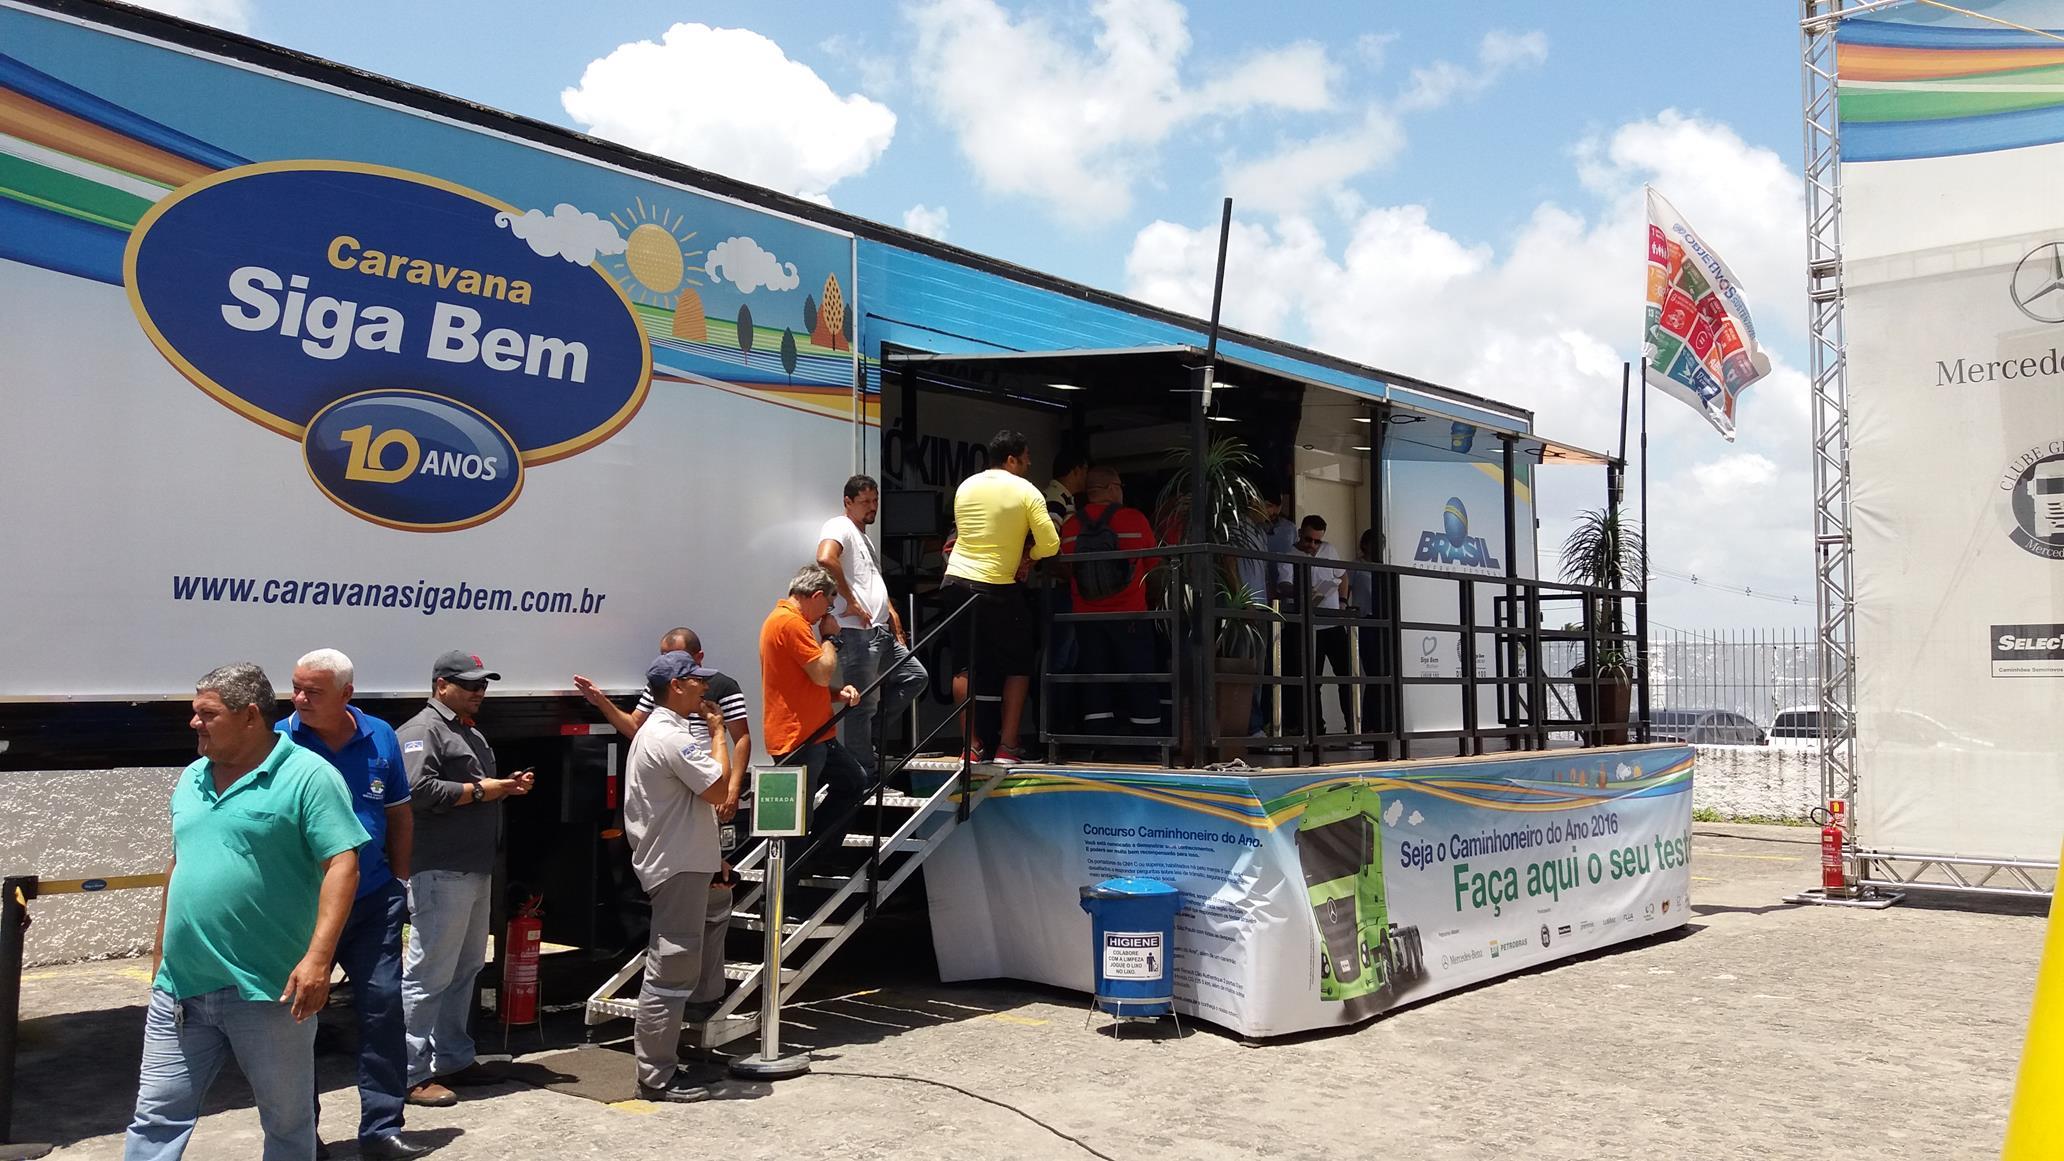 A Caravana oferece serviços de saúde, palestras e orientação aos caminhoneiros.